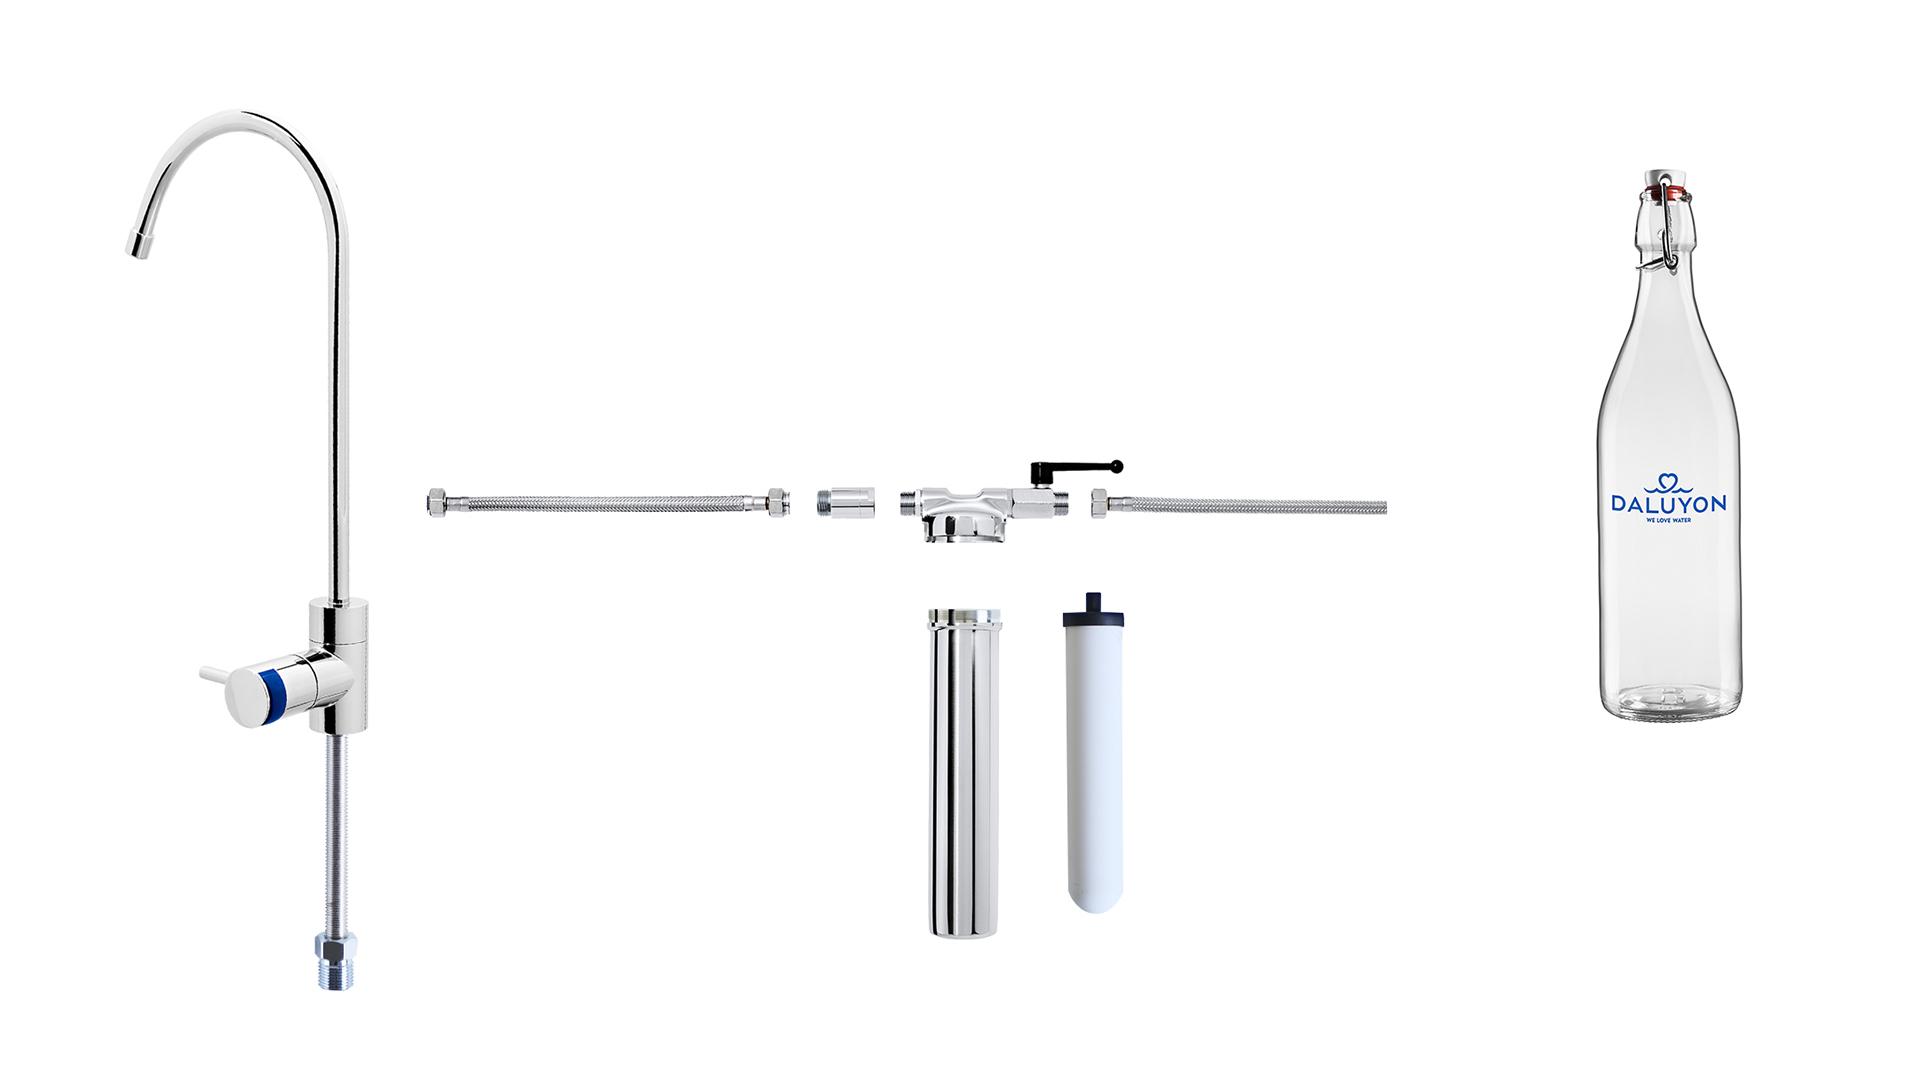 Wasserfilter- und Vitalisierungssystem